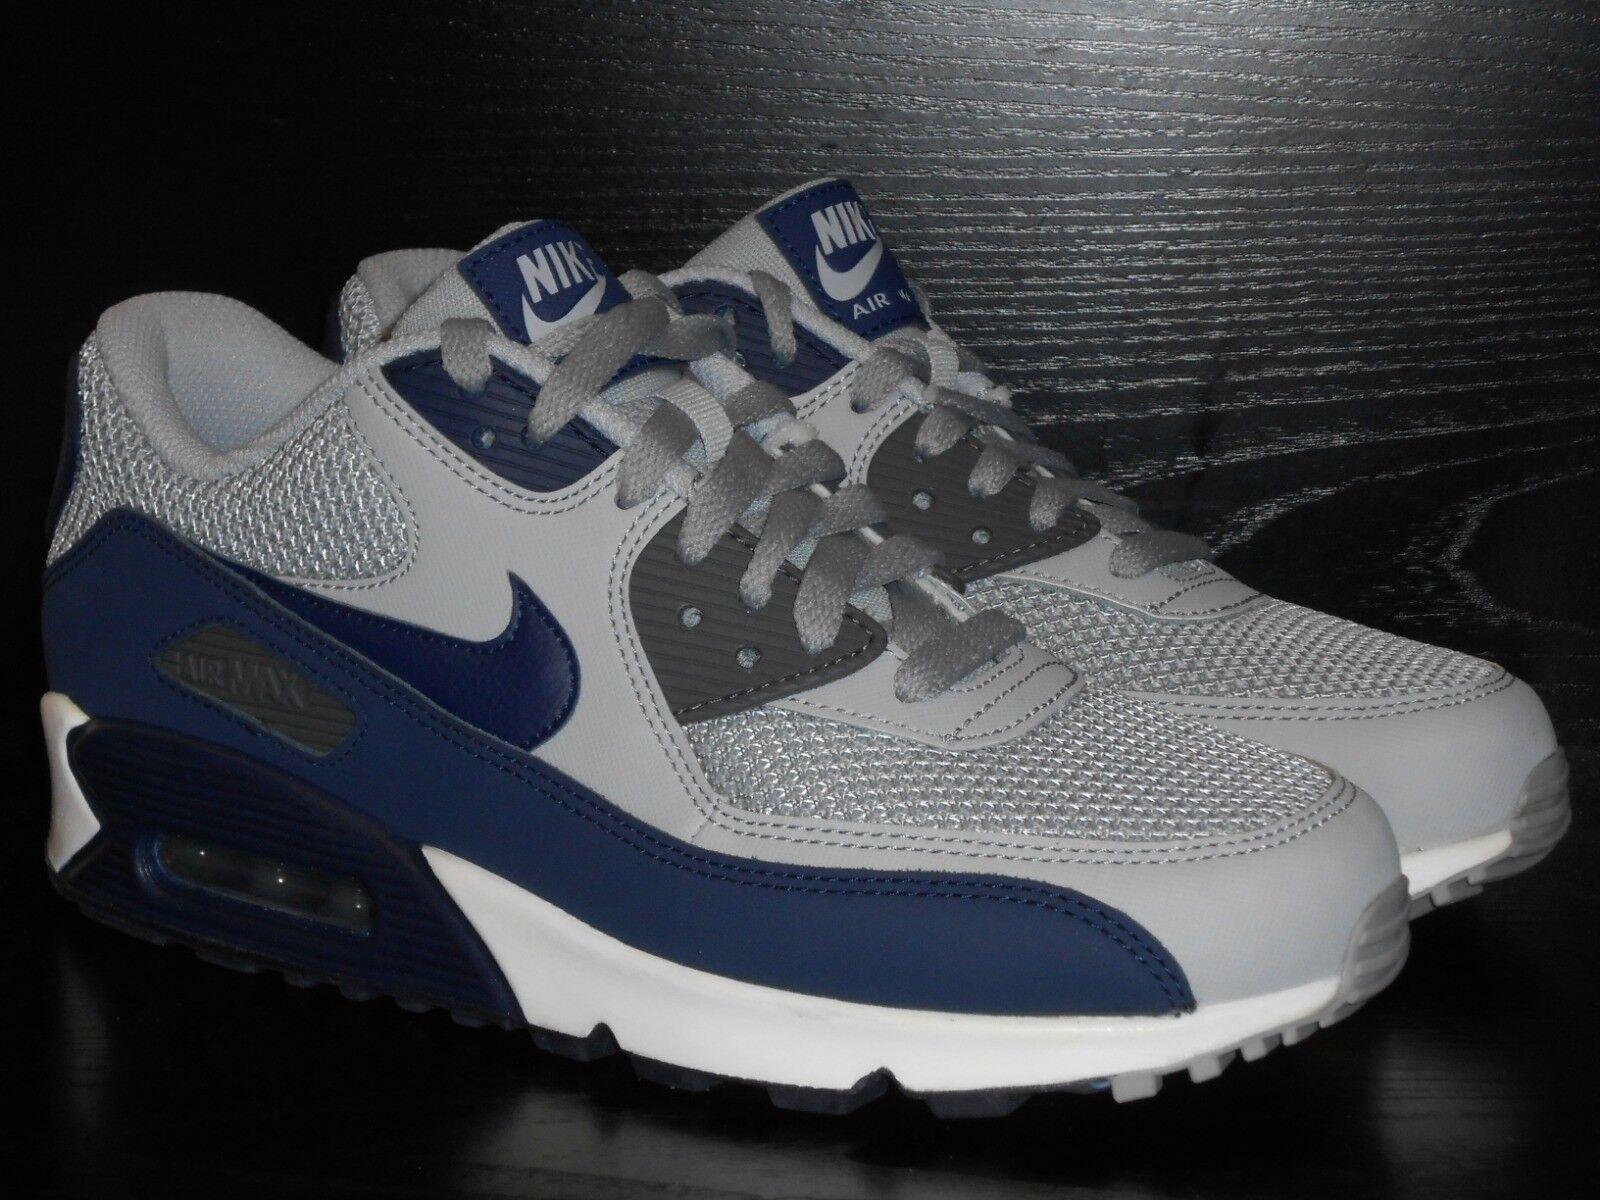 Nike Air Max 90 Ätherische Herren Turnschuh Schuhe Eu 6.5 Grau Binary Marineblau Zuverlässige Leistung